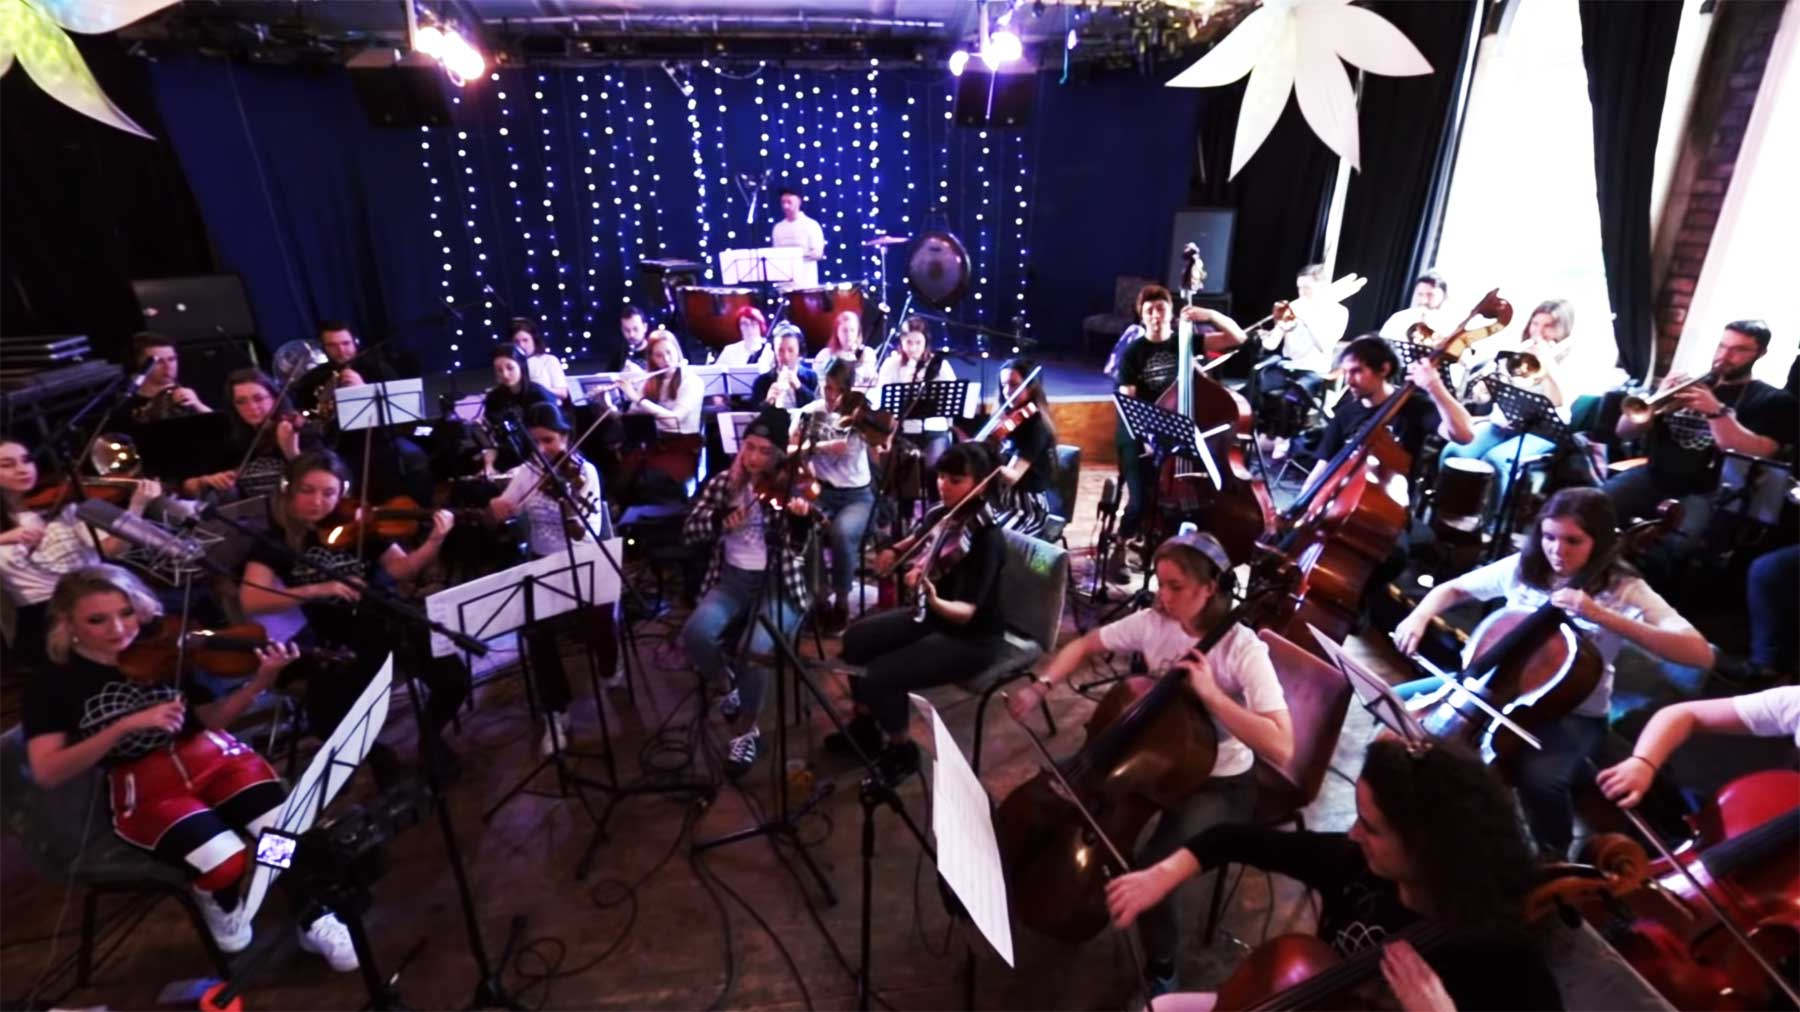 Orchester spielt Daft Punk-Medley